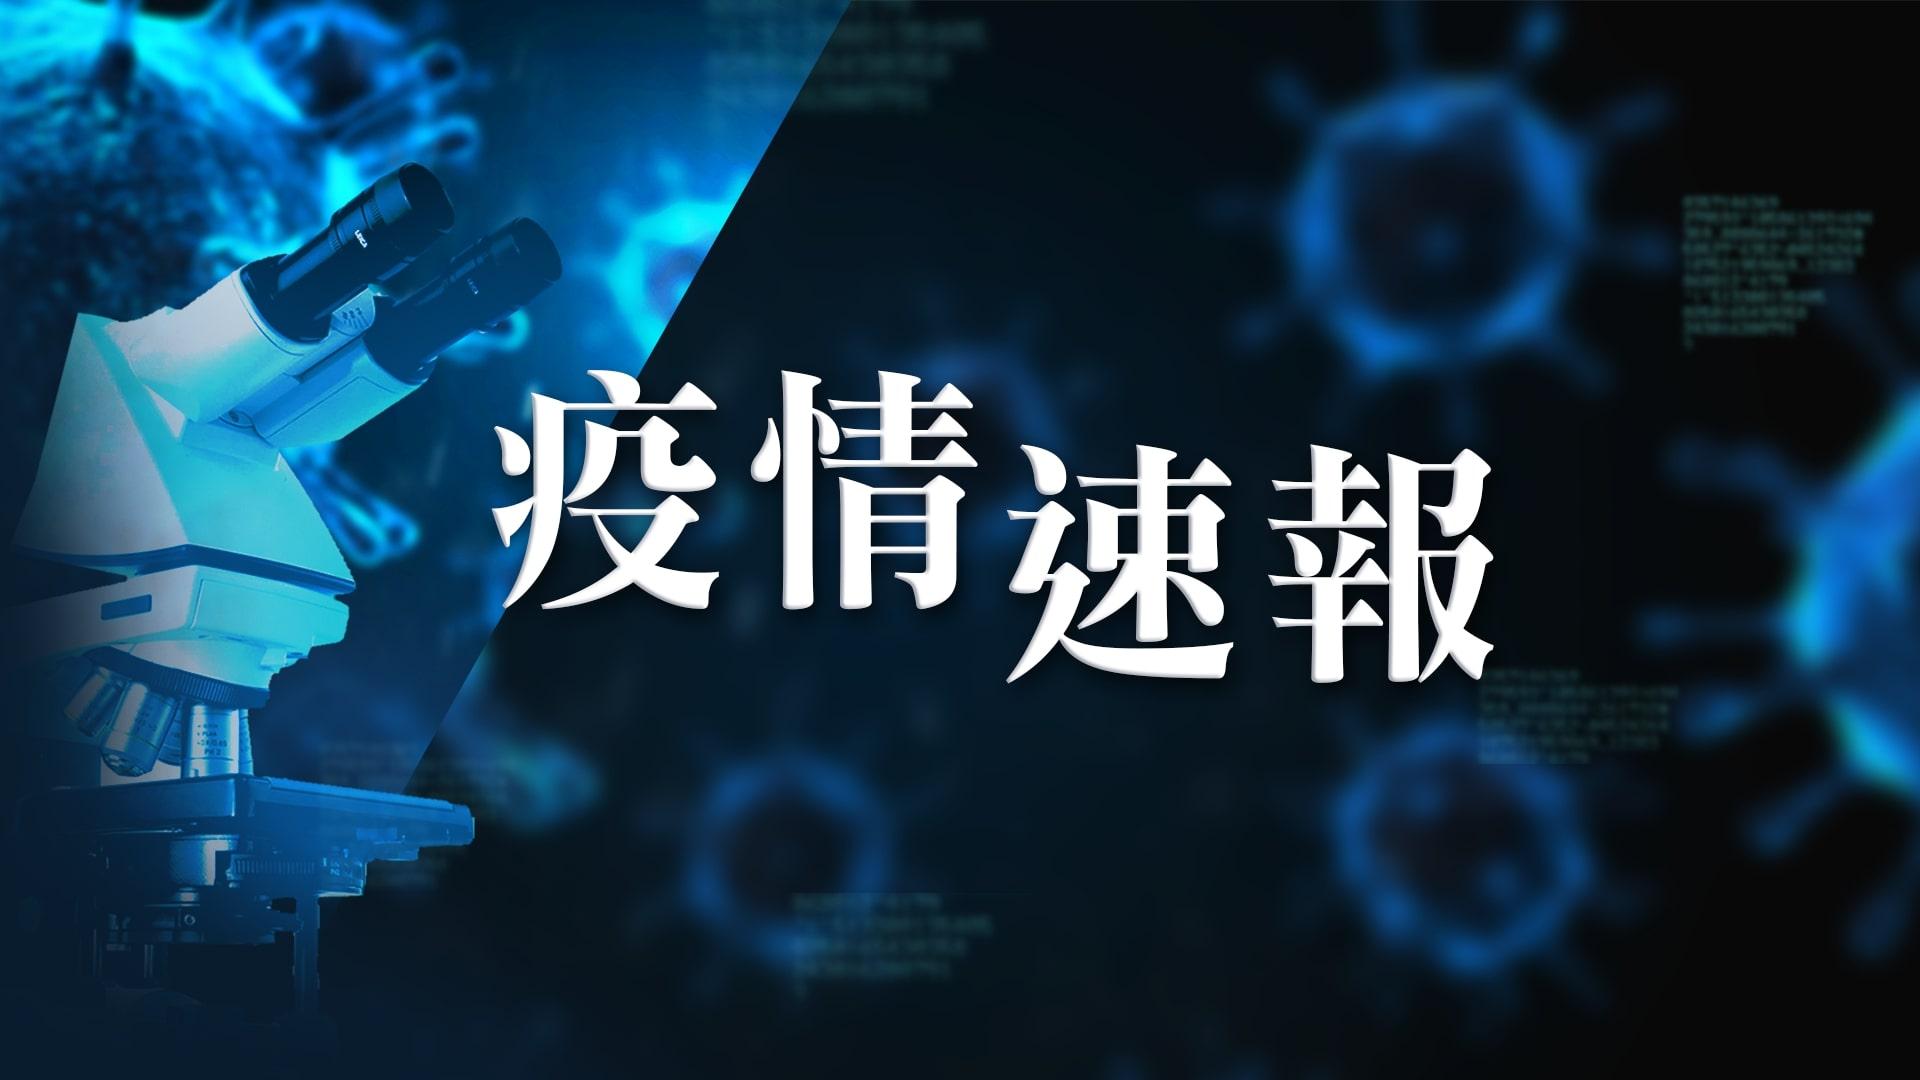 【10月16日疫情速報】(23:10)